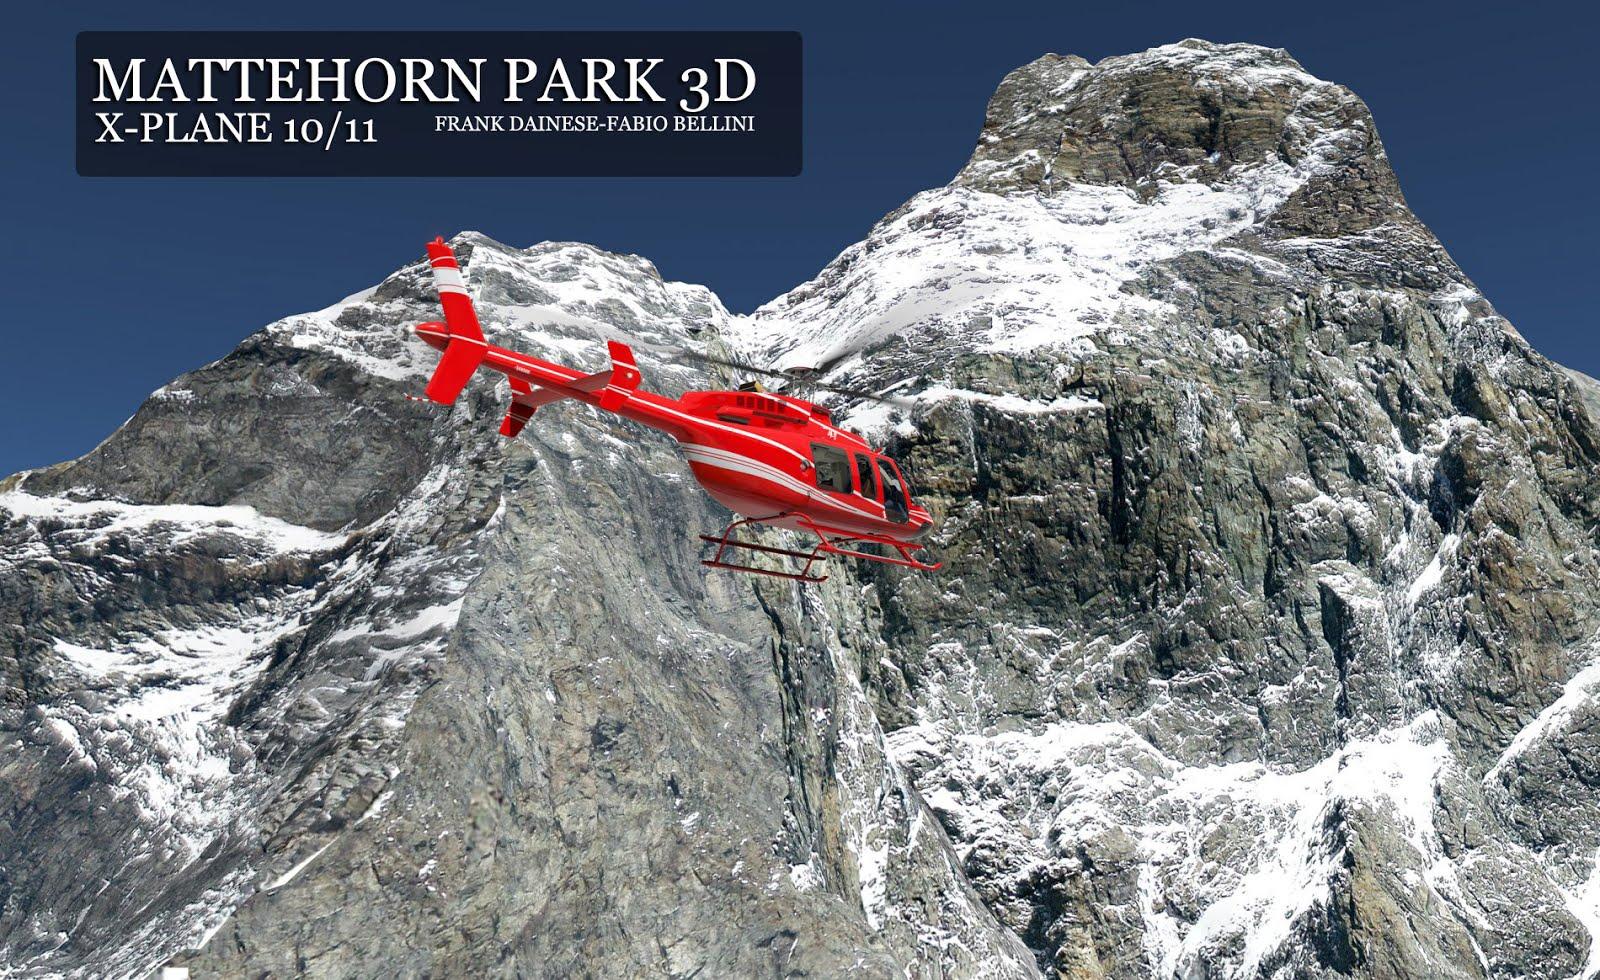 MATTERHORN PARK 3D X-PLANE